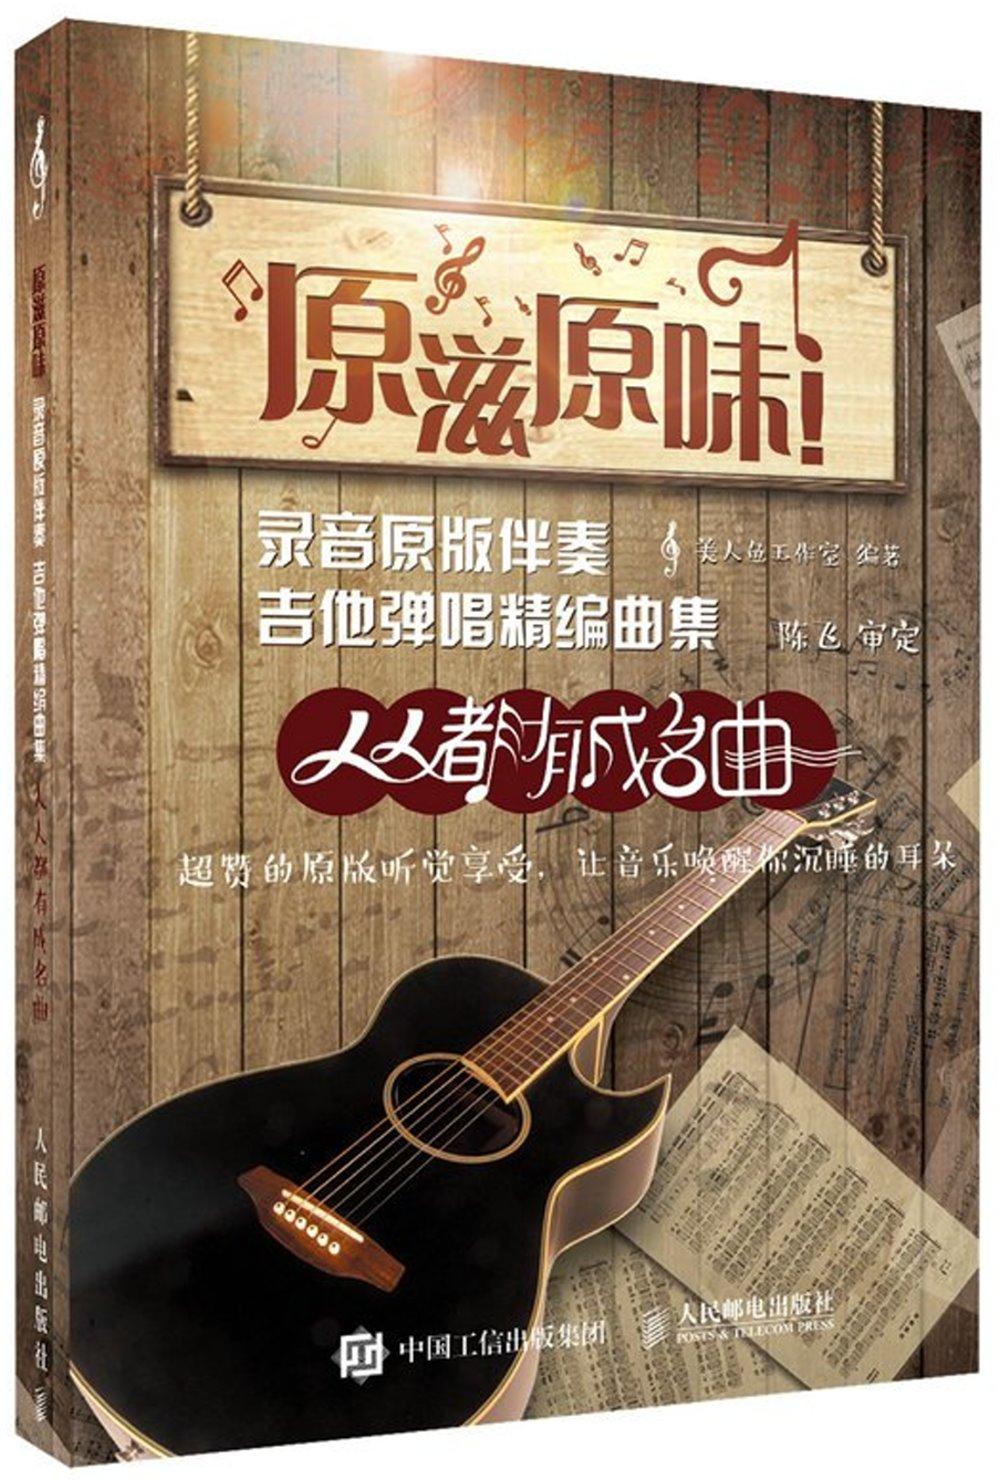 原滋原味!錄音原版伴奏吉他彈唱精編曲集:人人都有成名曲